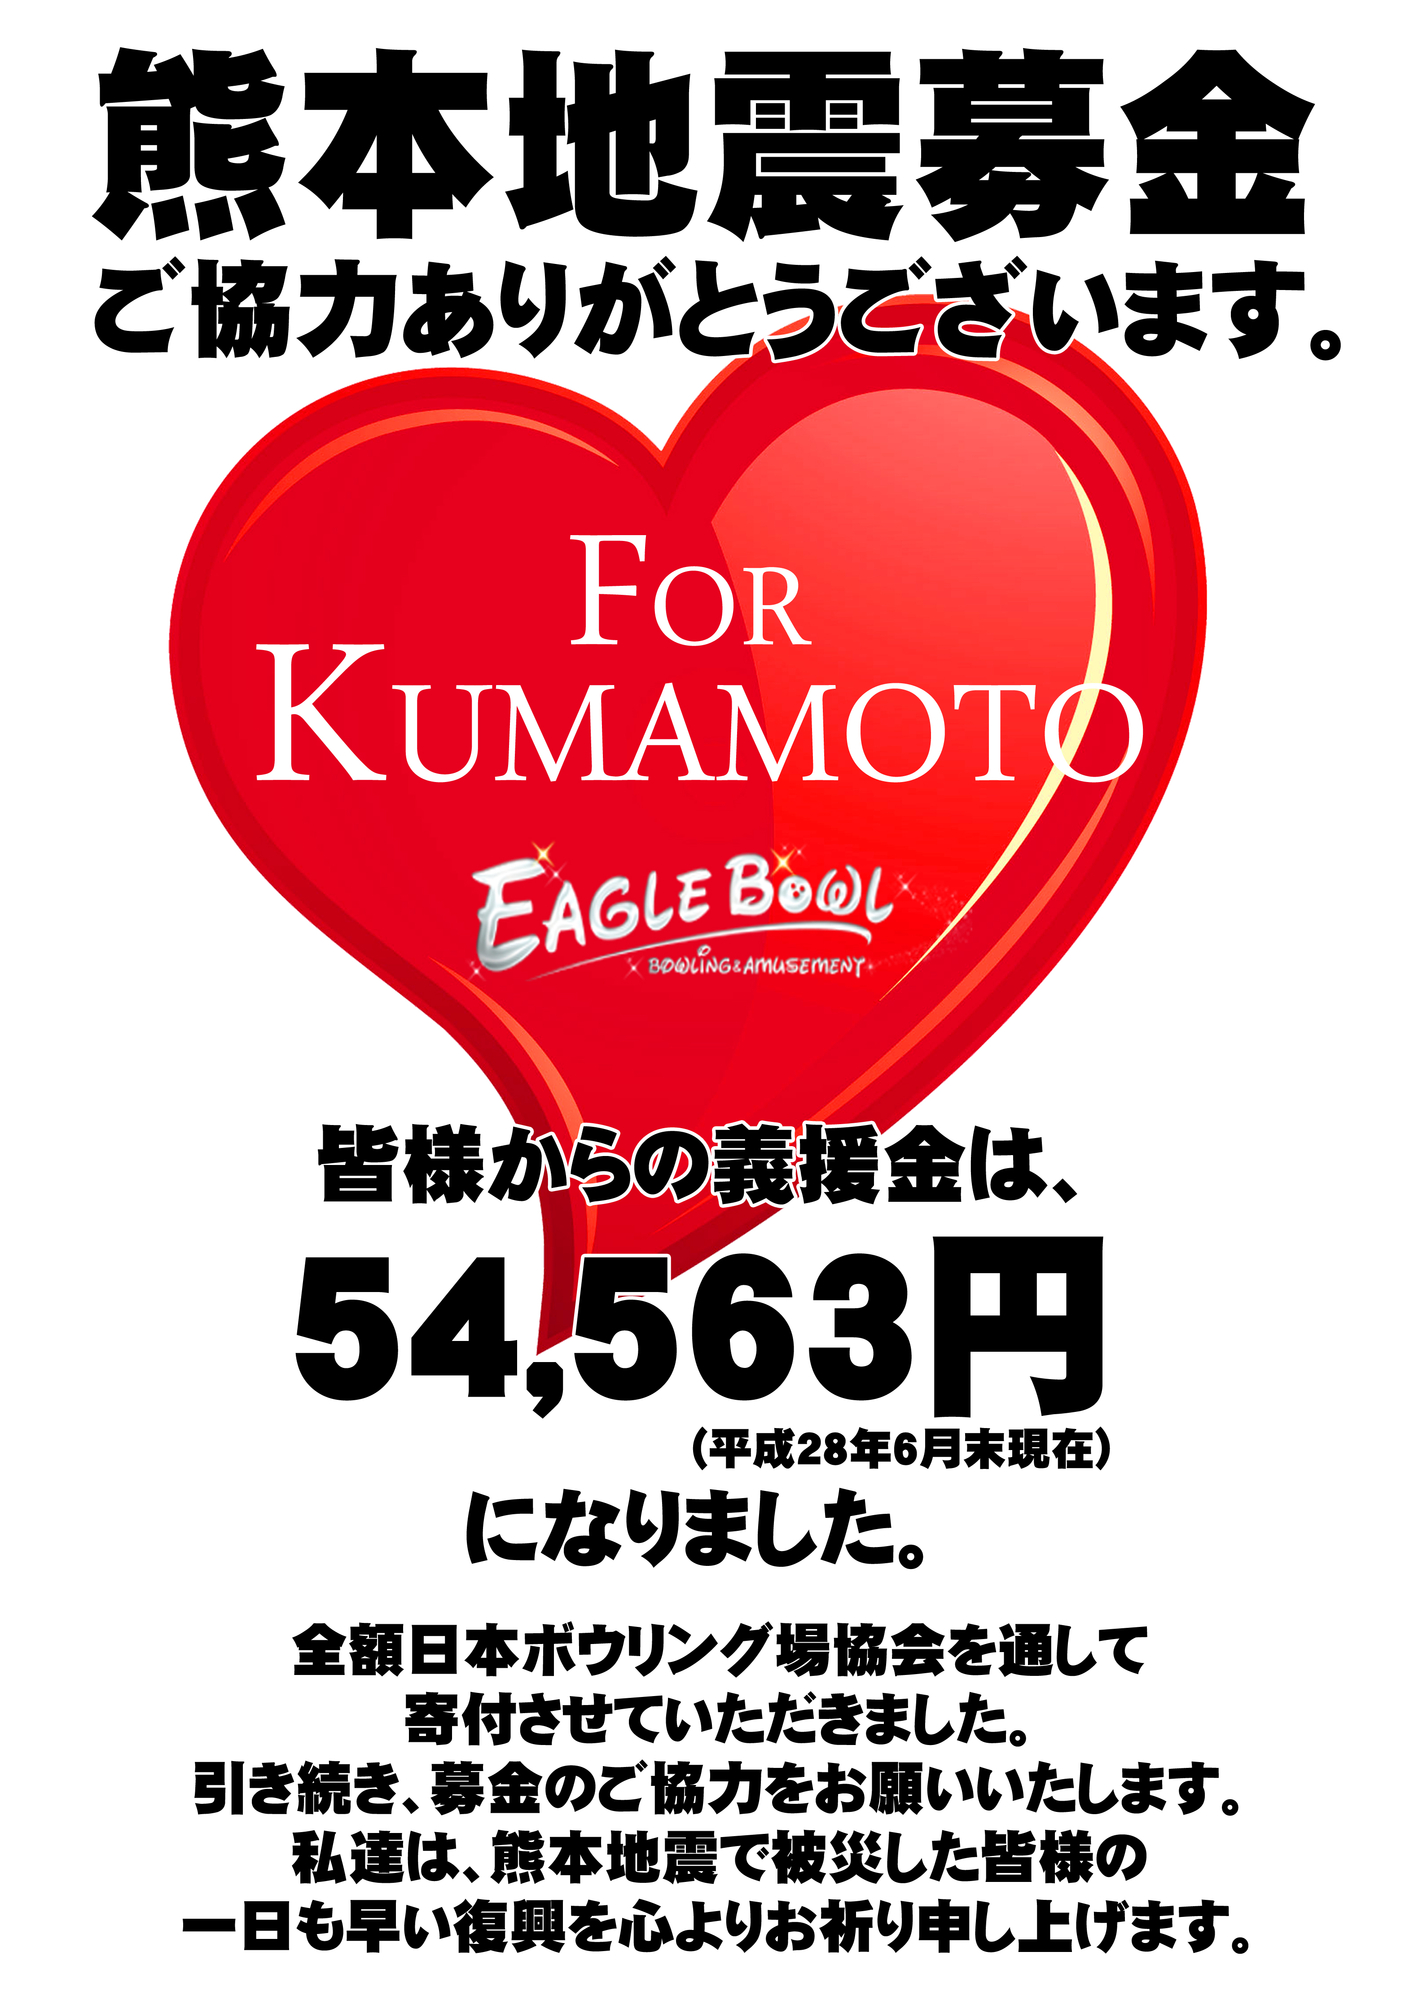 熊本地震義援金寄付について